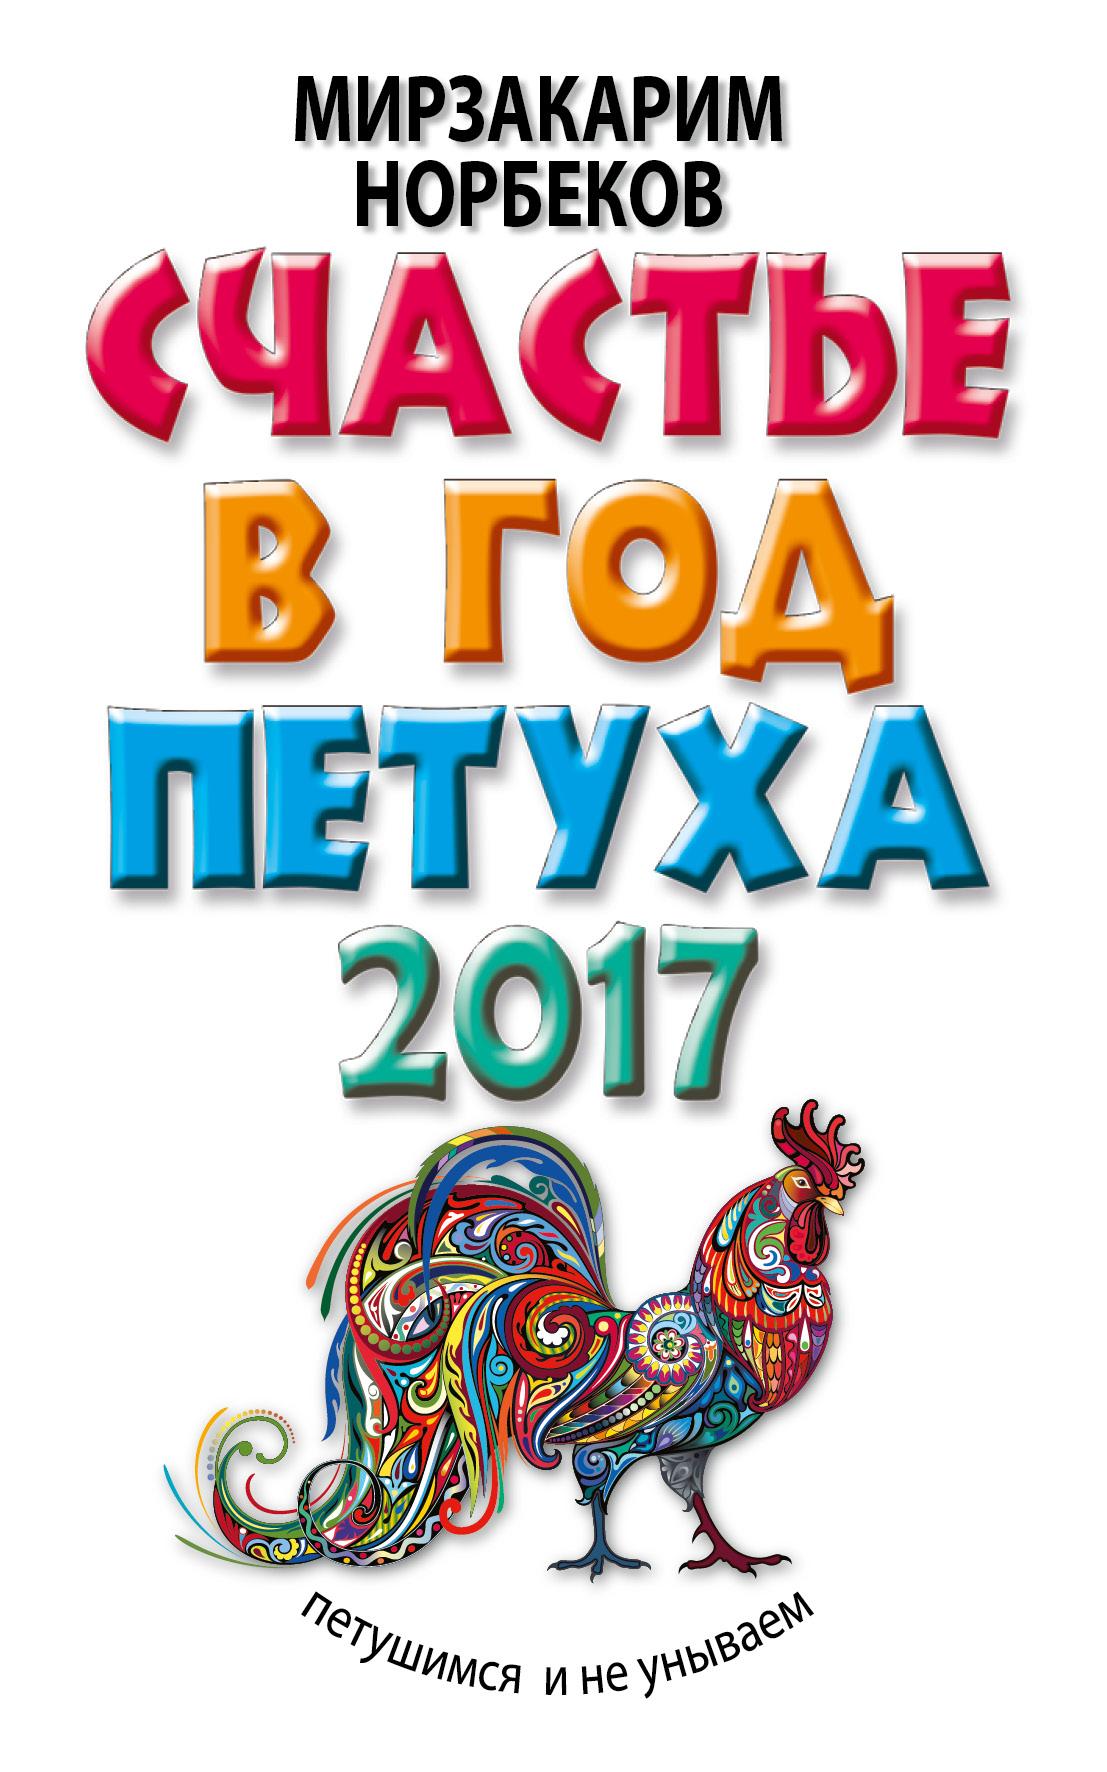 Счастье в год Петуха: петушимся и не унываем в 2017 году